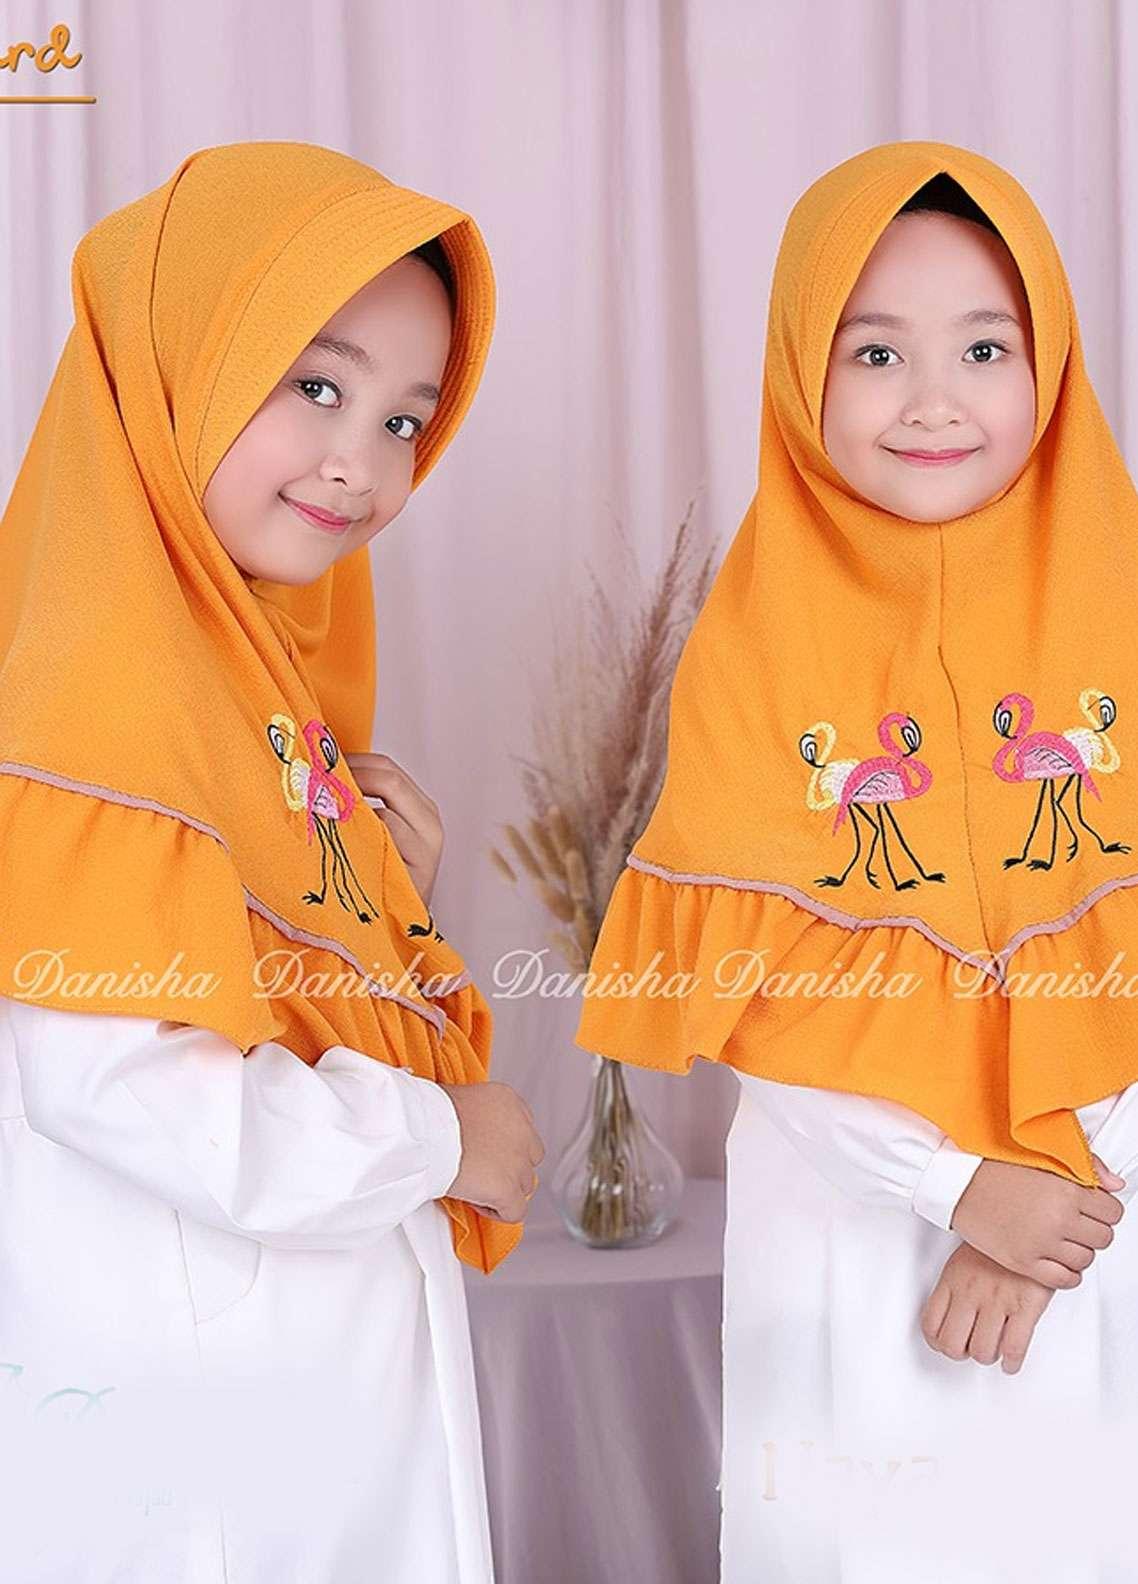 Danisha | Style of Hijab  Bubble Pop  Girls Scarves HH Danisha Flamingo 02 Mustard